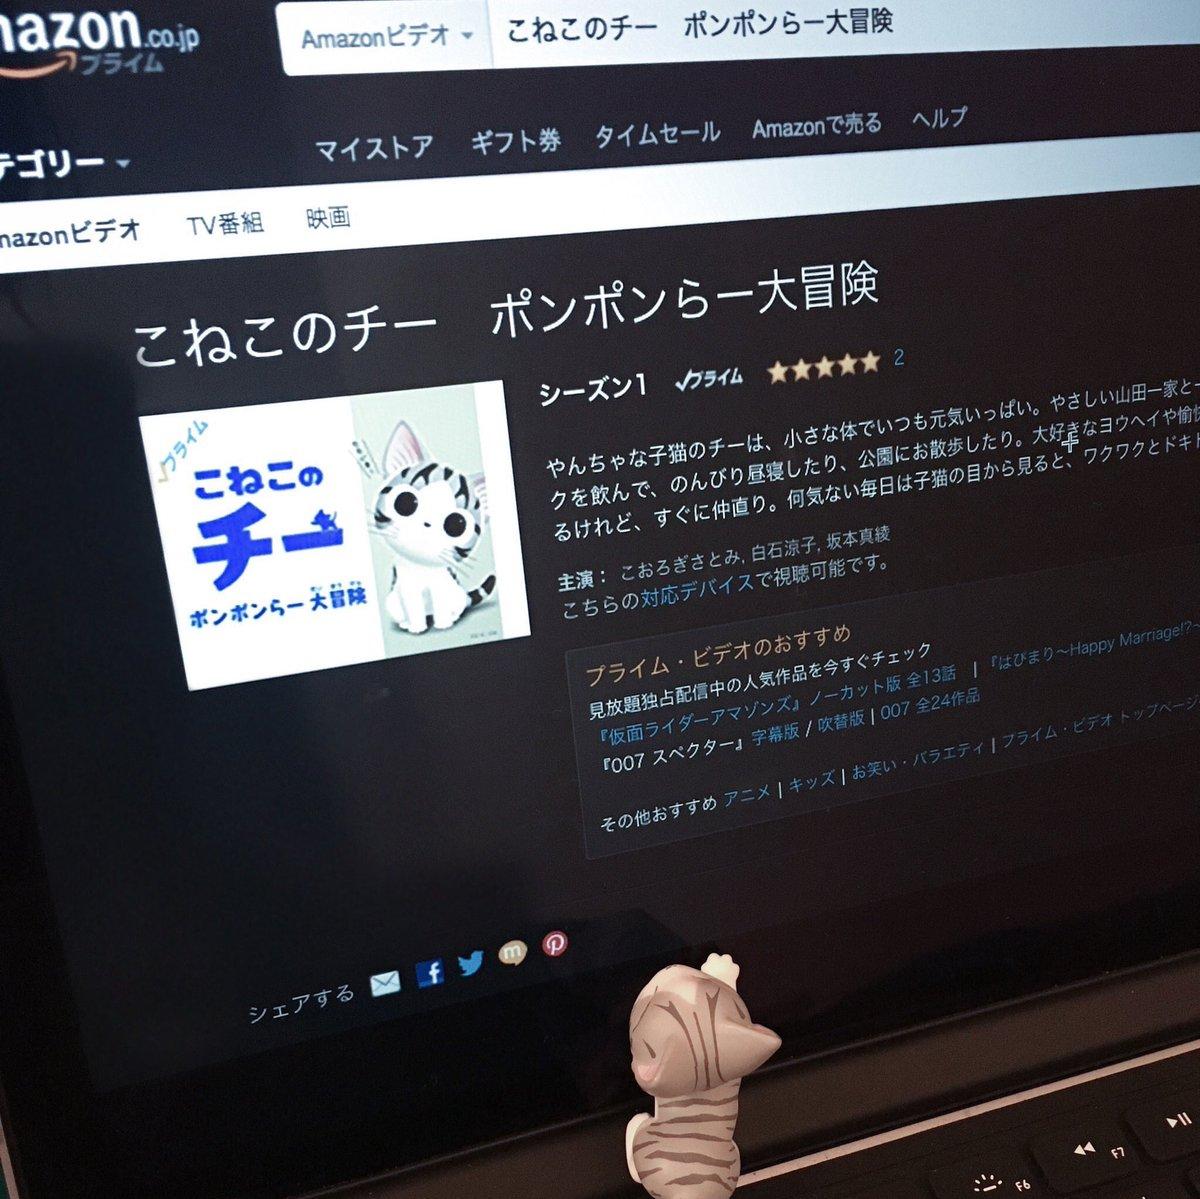 チーのアニメがアマゾンプライムれも みえうよー! #こねこのチー #チーズスイートホーム #アニメ #Amazonプライ